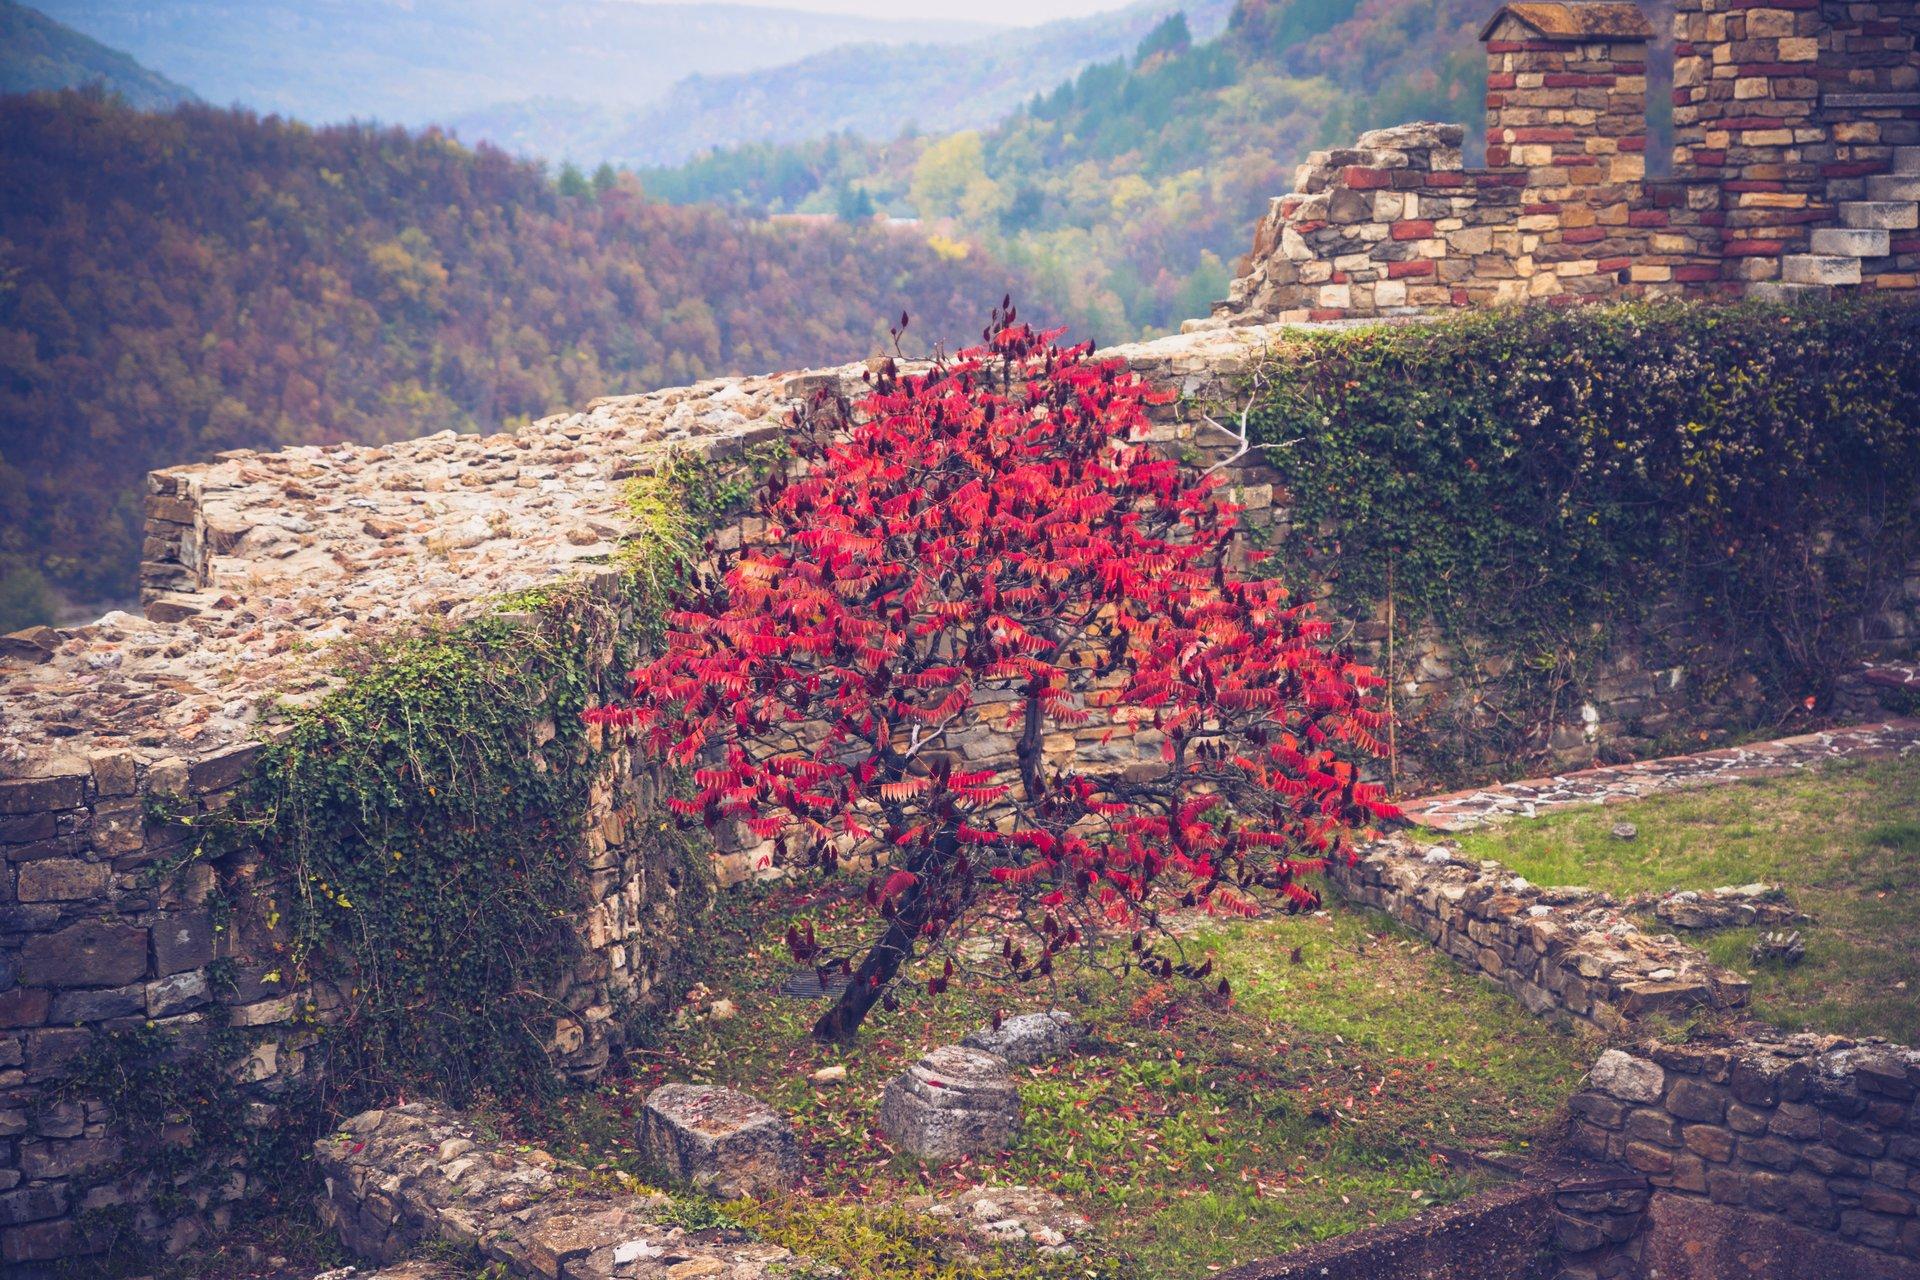 Photo in Nature | Author Slacam | PHOTO FORUM